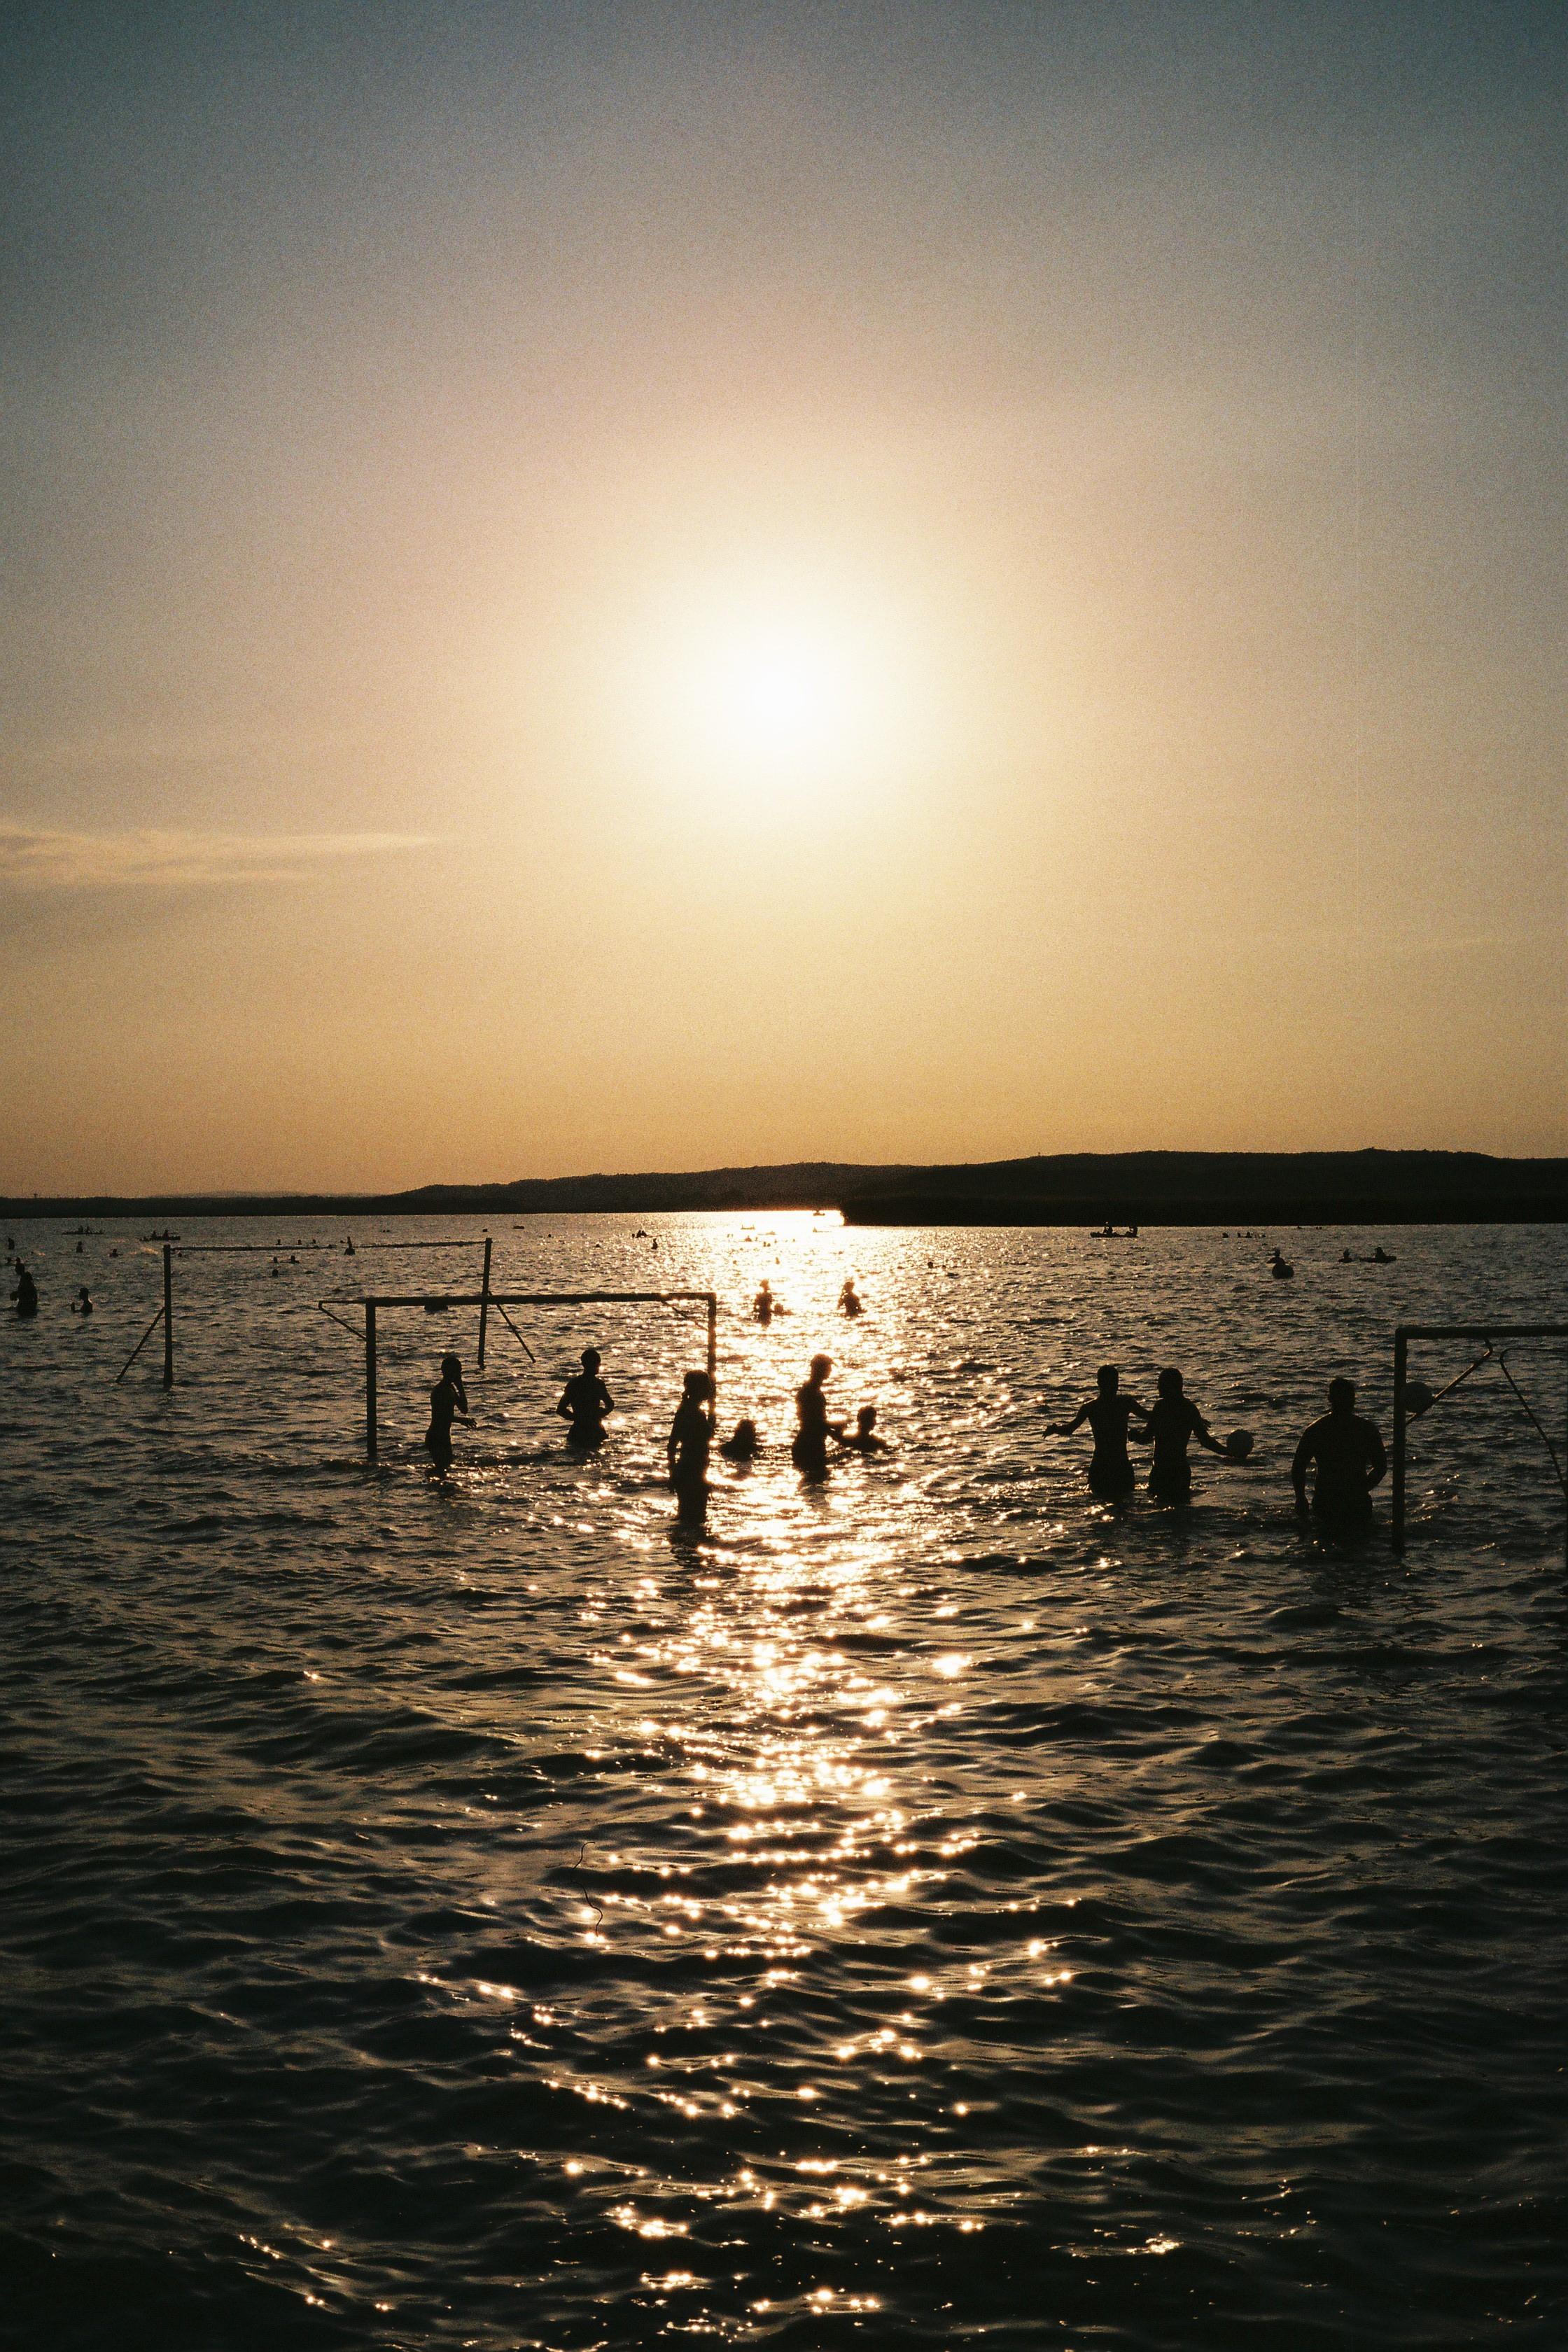 Lake Valence, Hungary   Voigtländer Bessa R3A